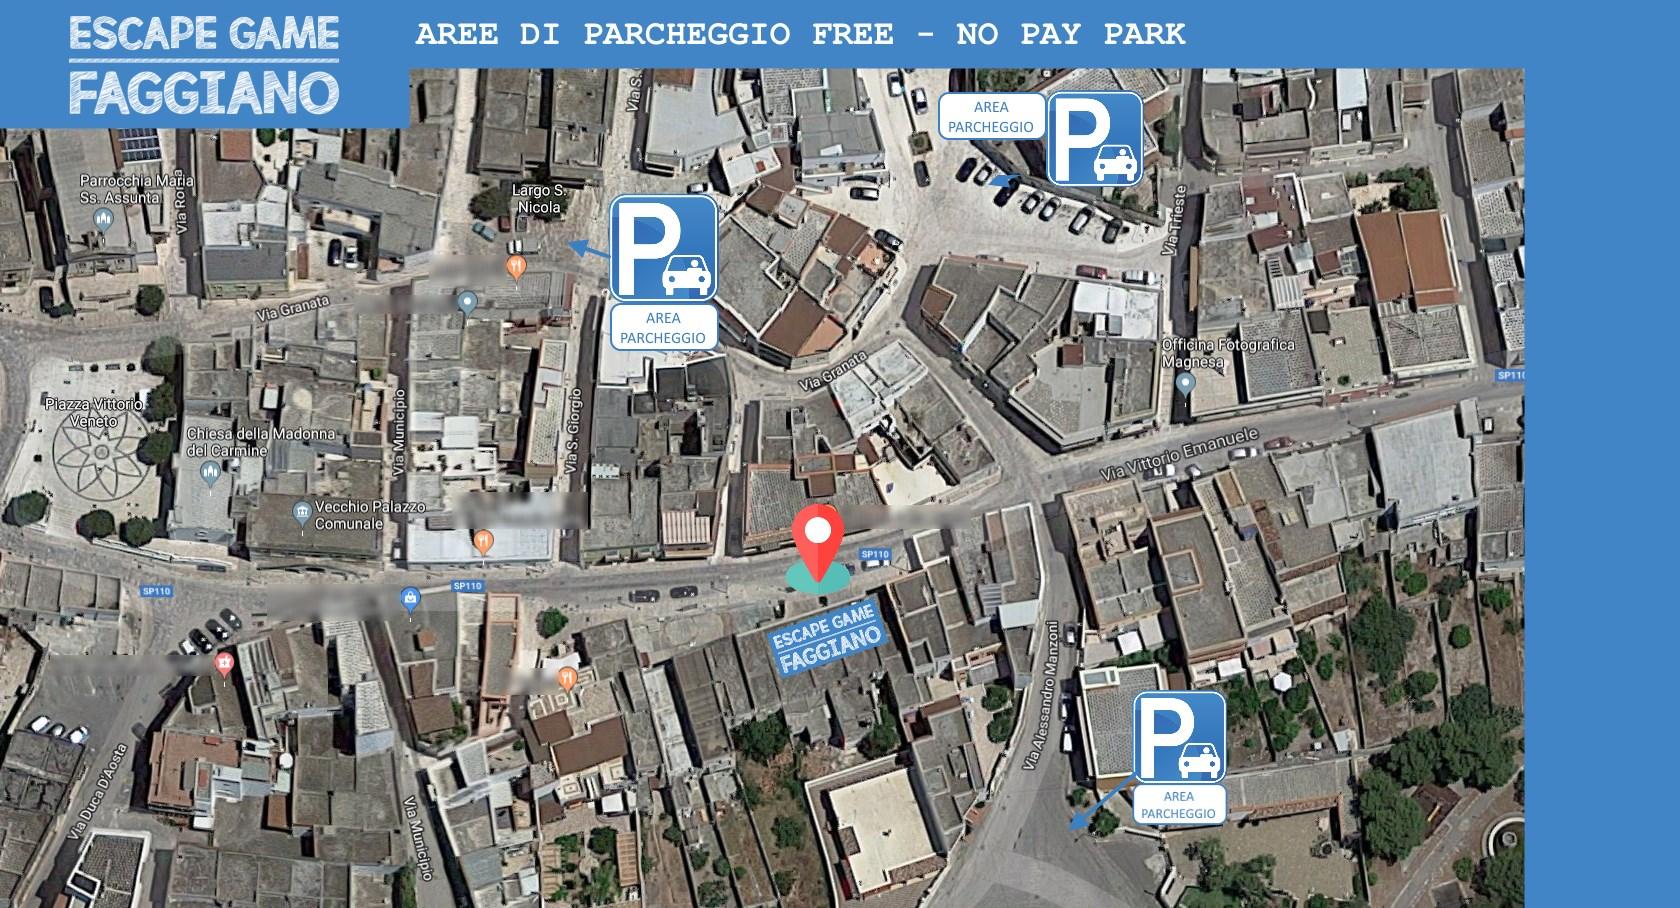 Aree di parcheggio GRATUITE per giocare alla nostra Escape Room a meno di 100 mt.